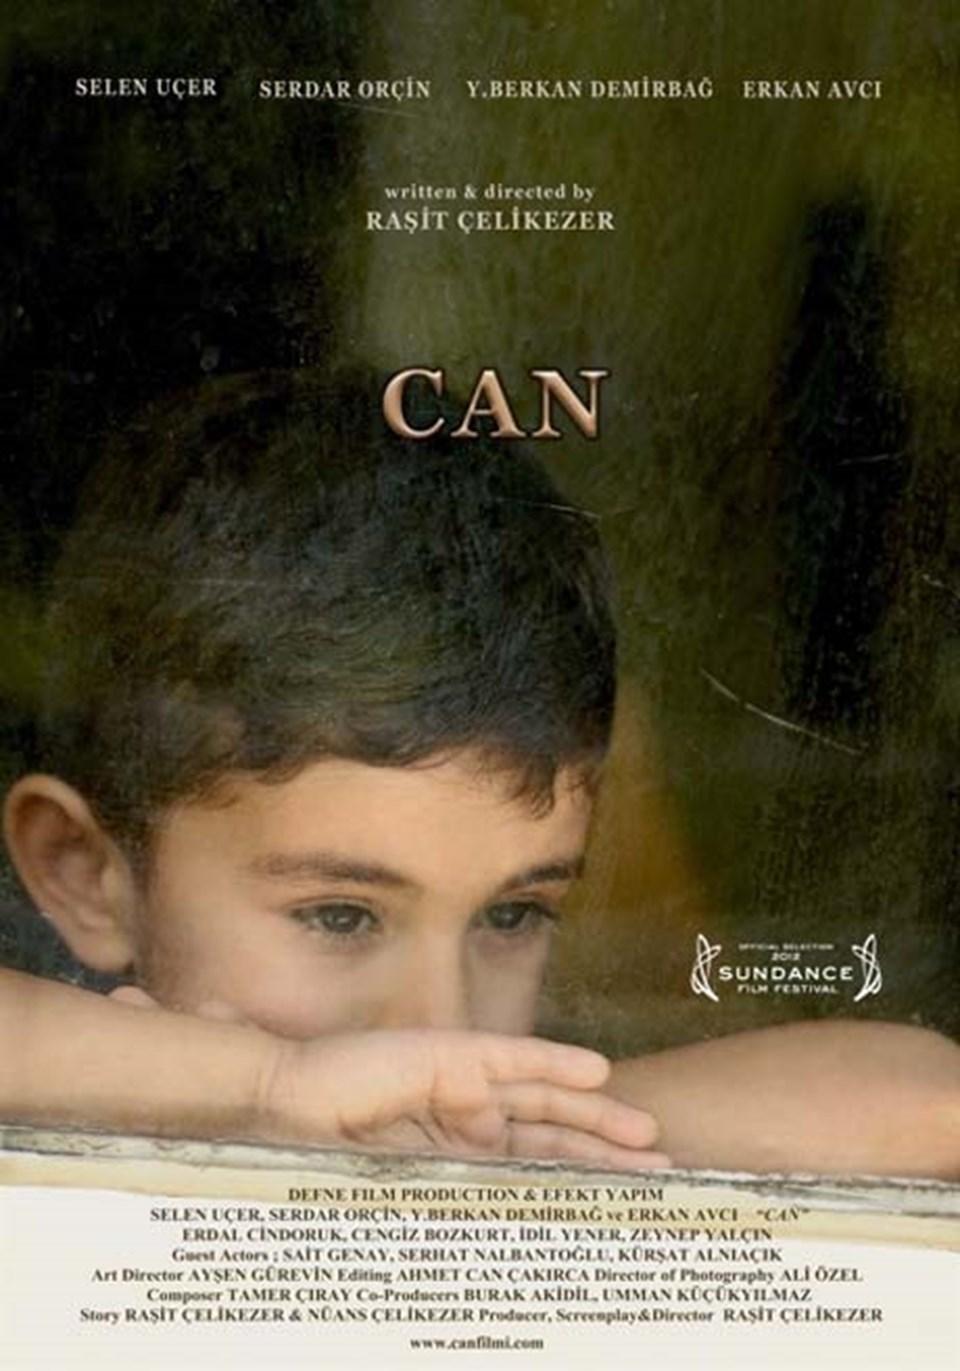 Filmin Sundance için hazırlanan afişi.